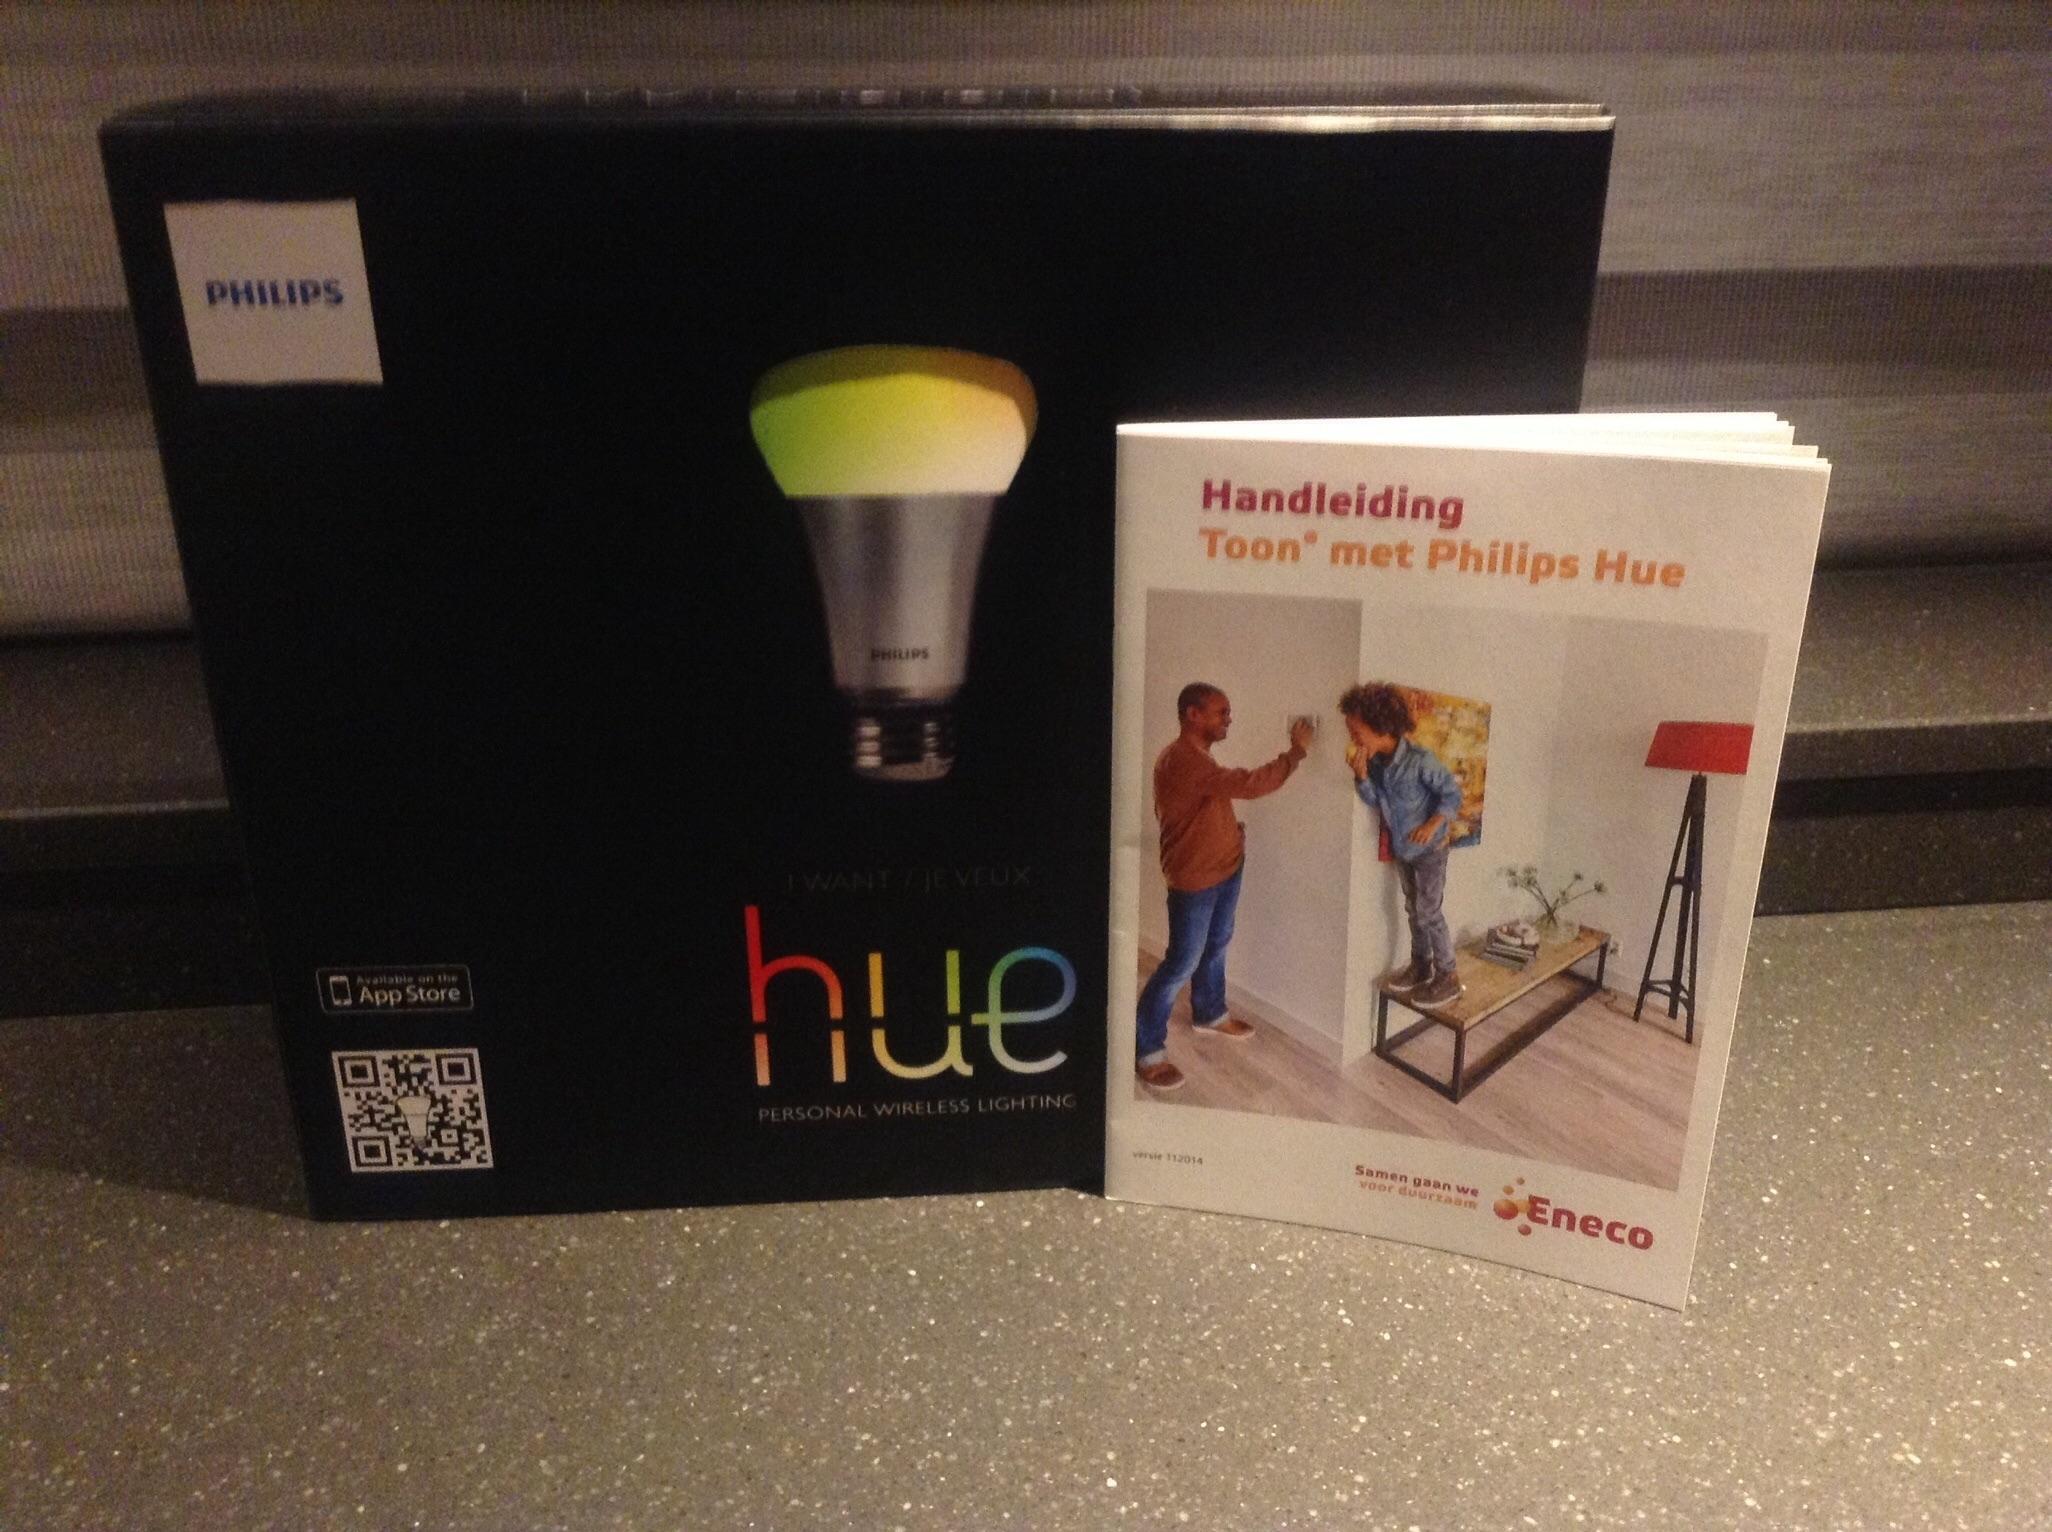 Hue Lampen Aanbieding : Philips hue lampen review door yobotje topic gesloten bezoek ons